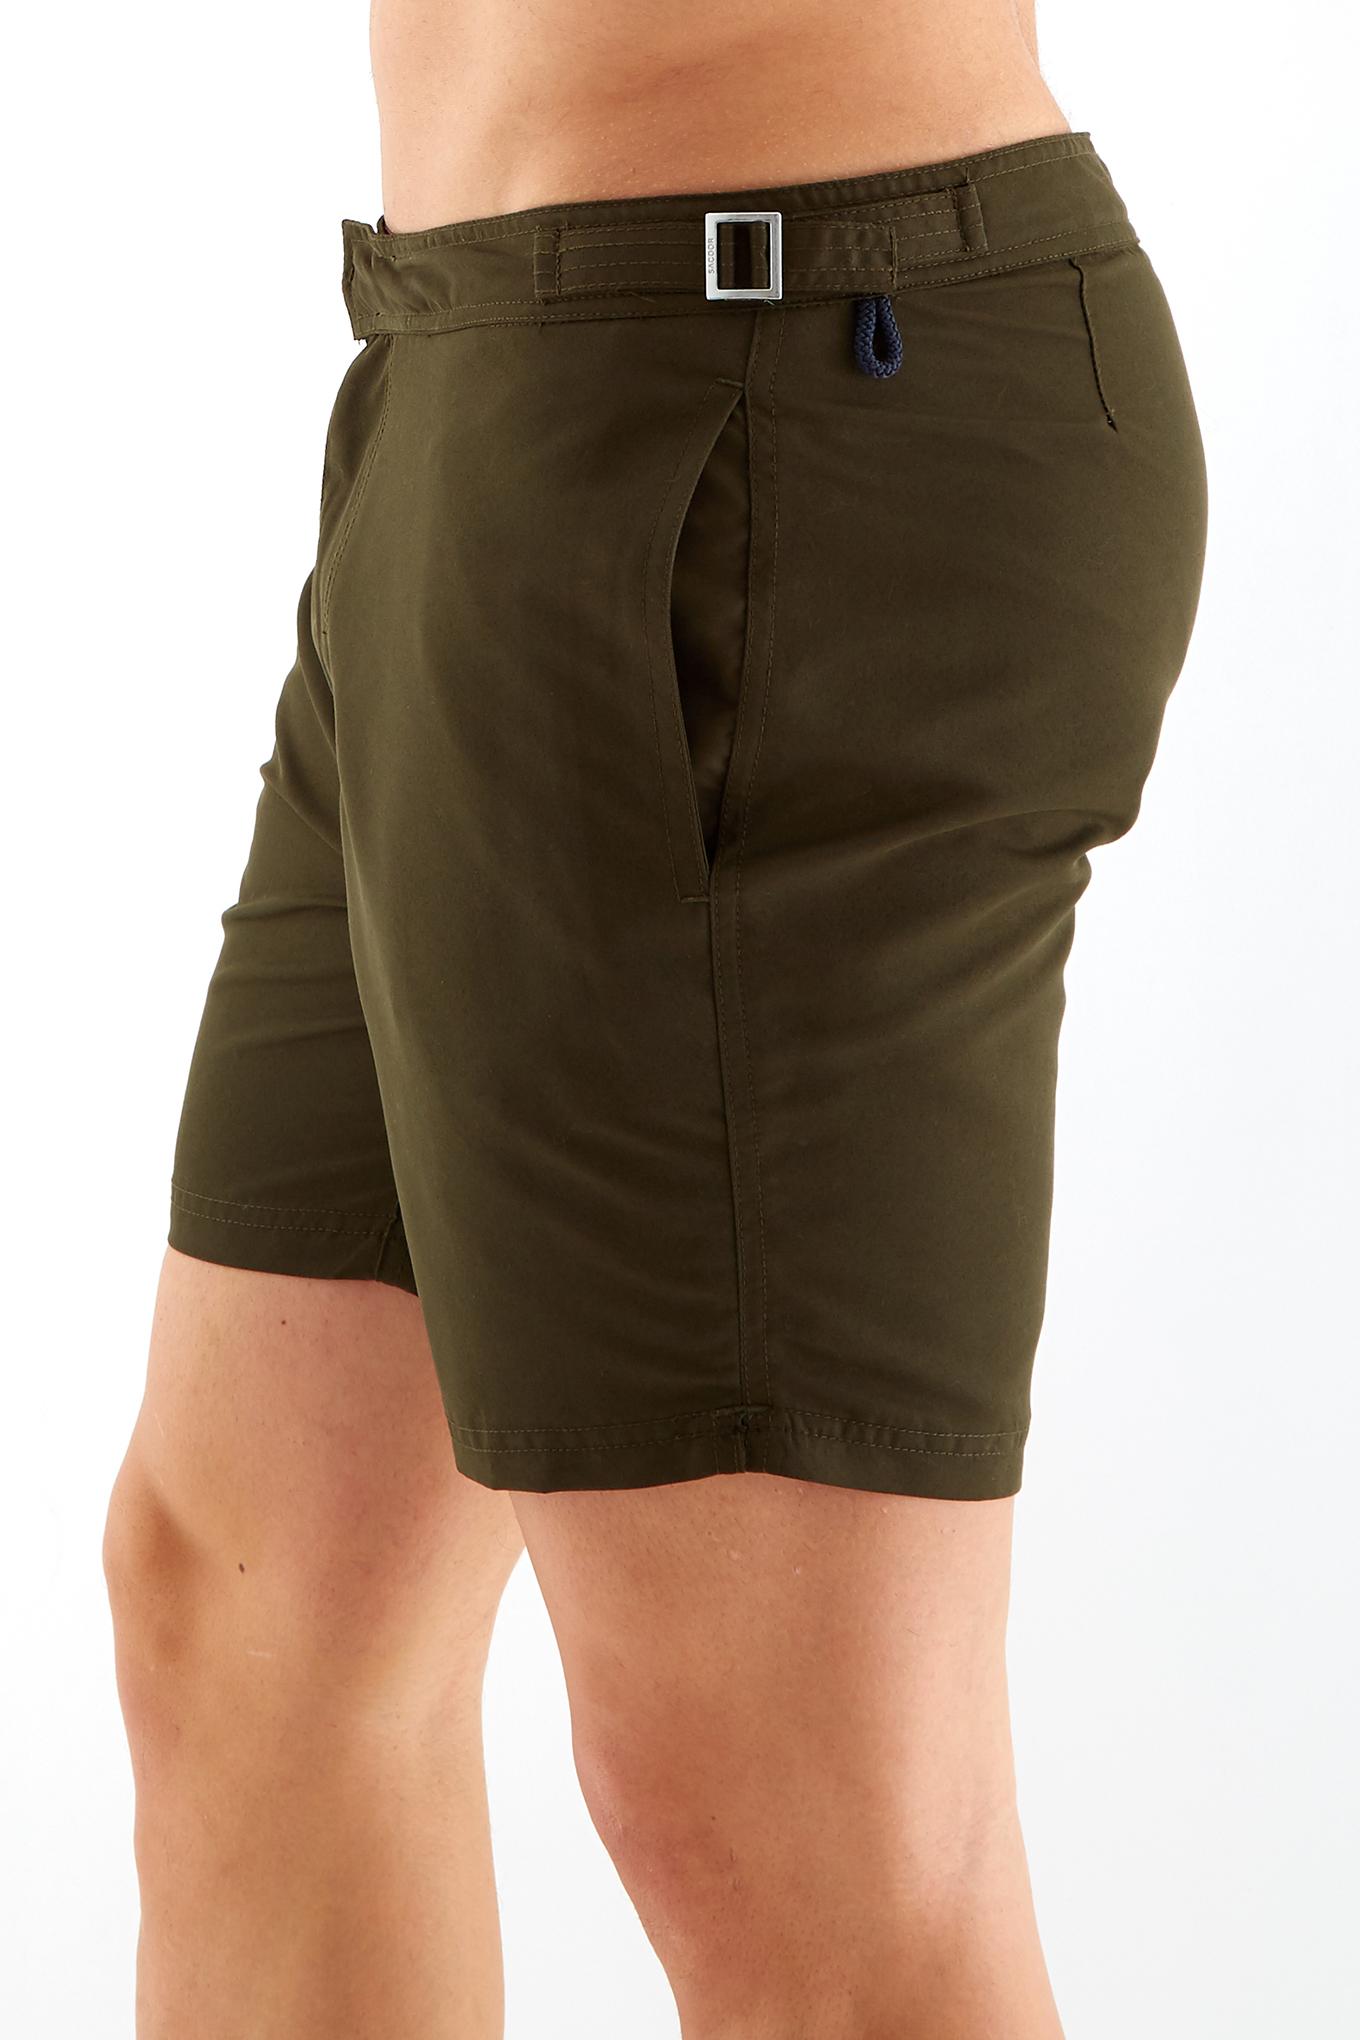 Beachwear Shorts Khaki Sport Man